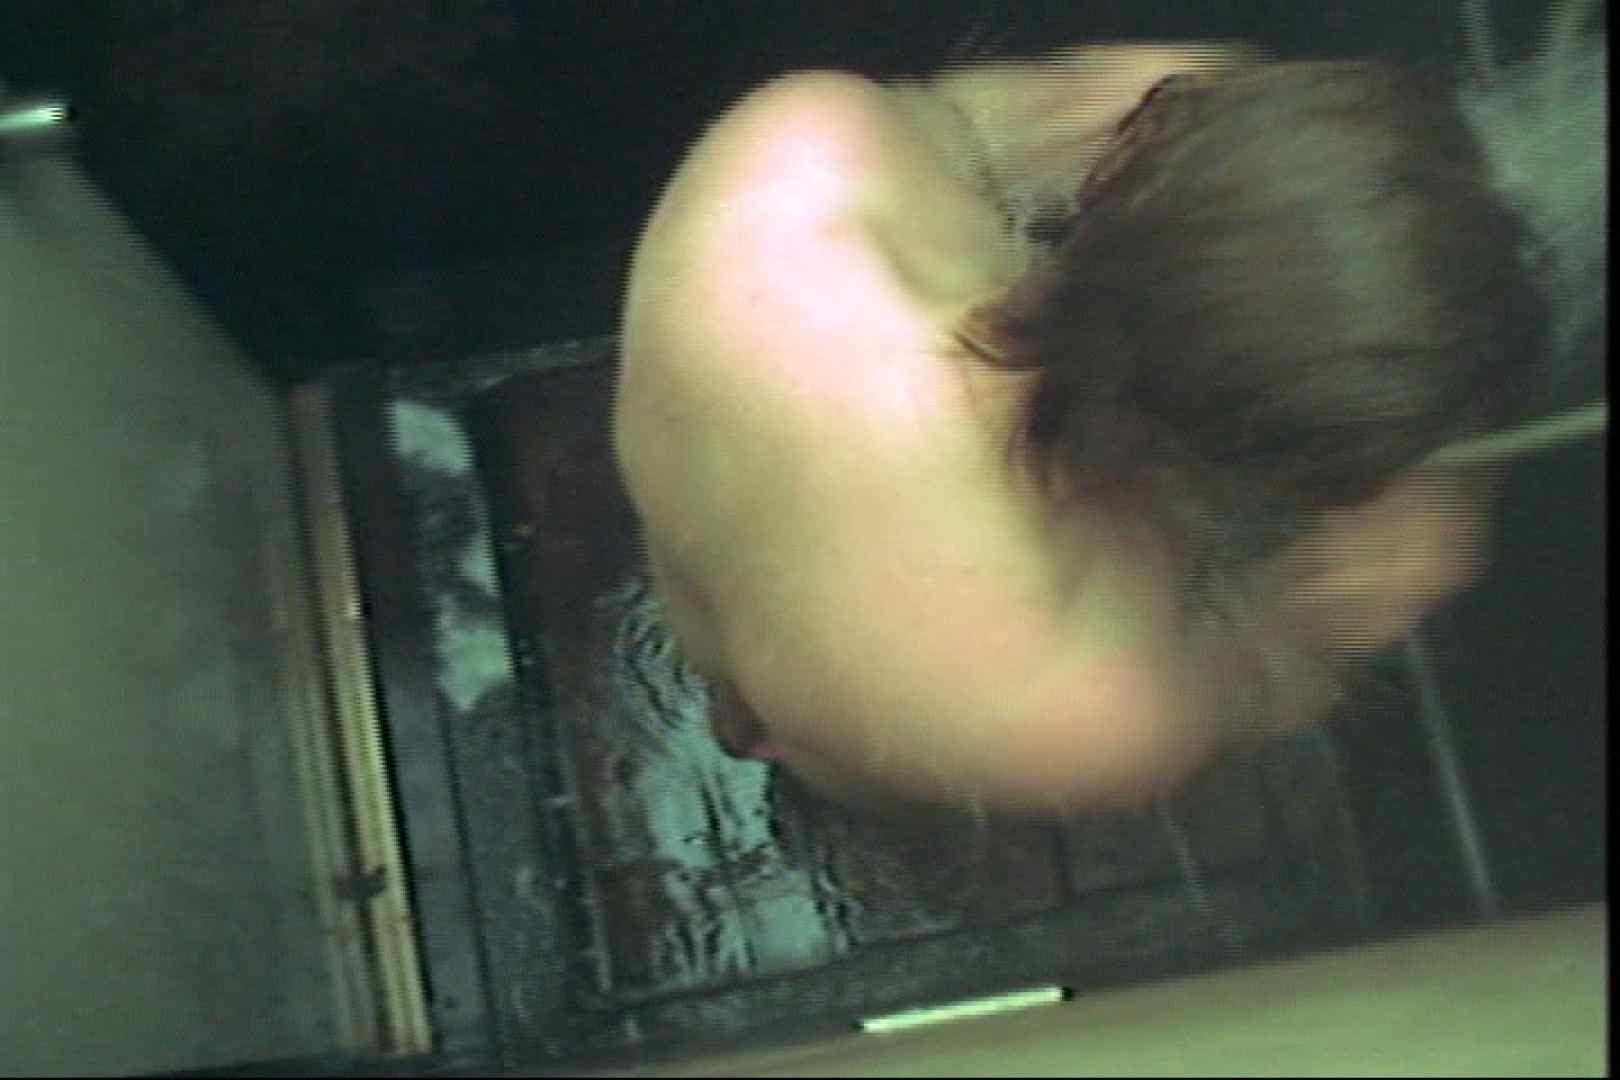 海の家の更衣室 Vol.49 美女のボディ AV無料動画キャプチャ 76PIX 17